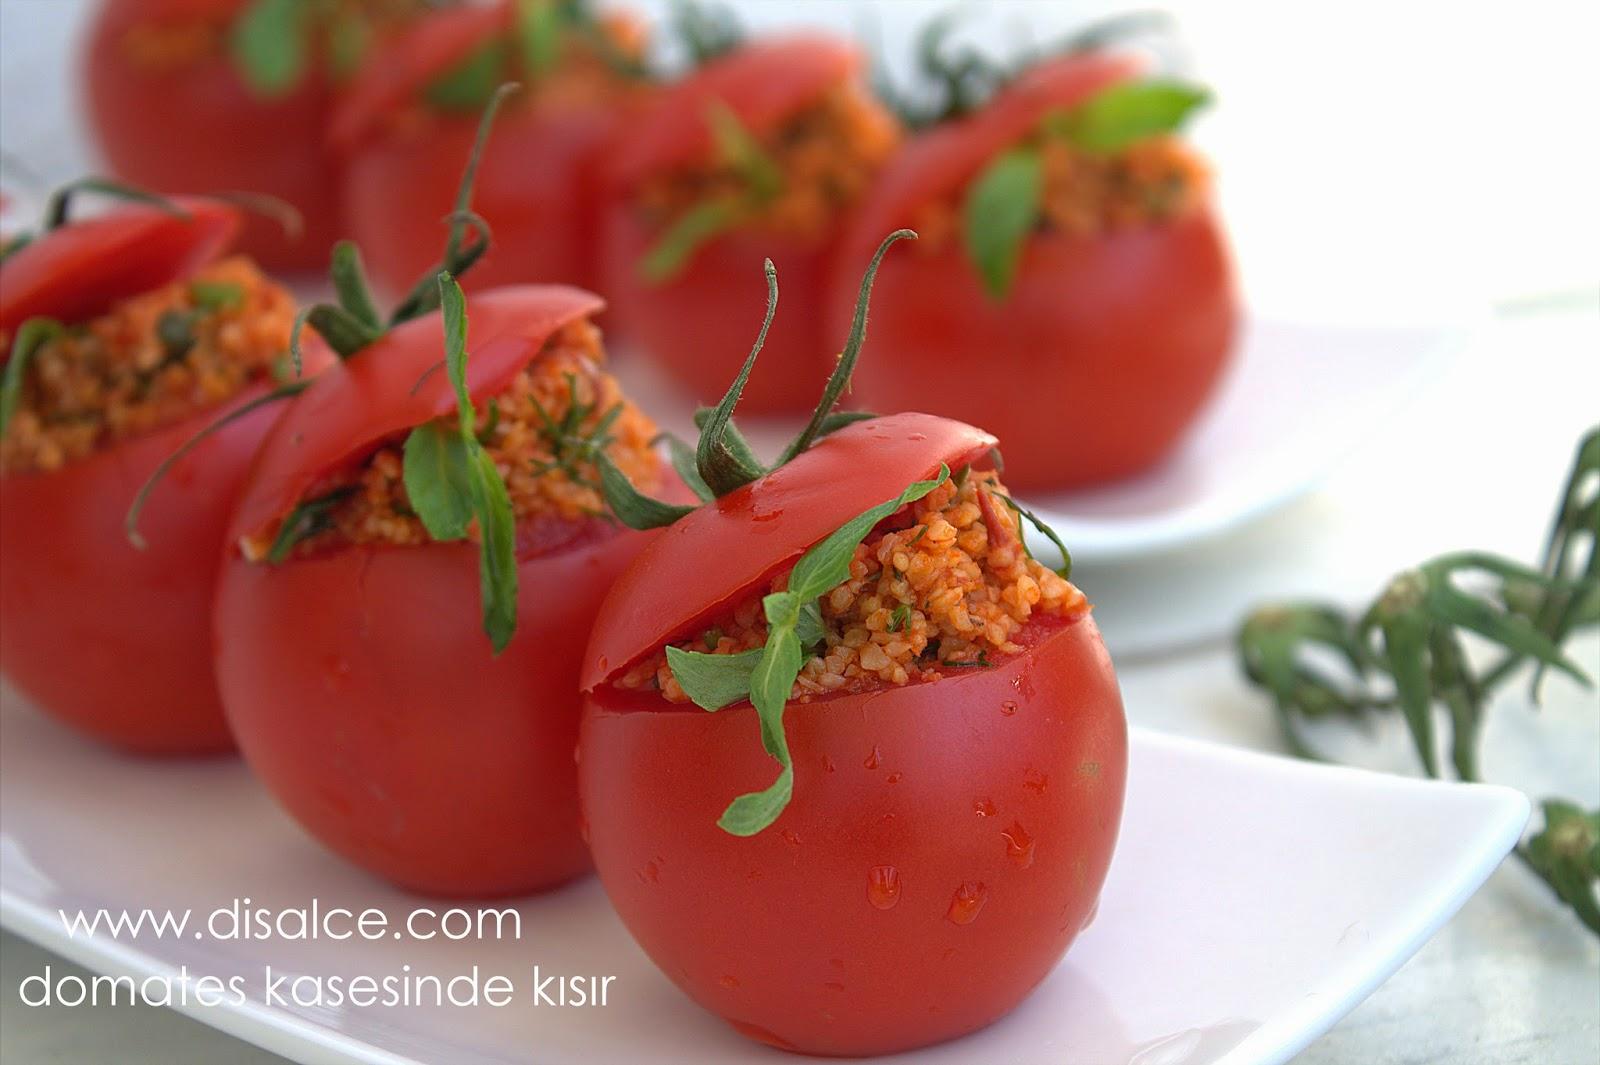 domateste kısır sunumu